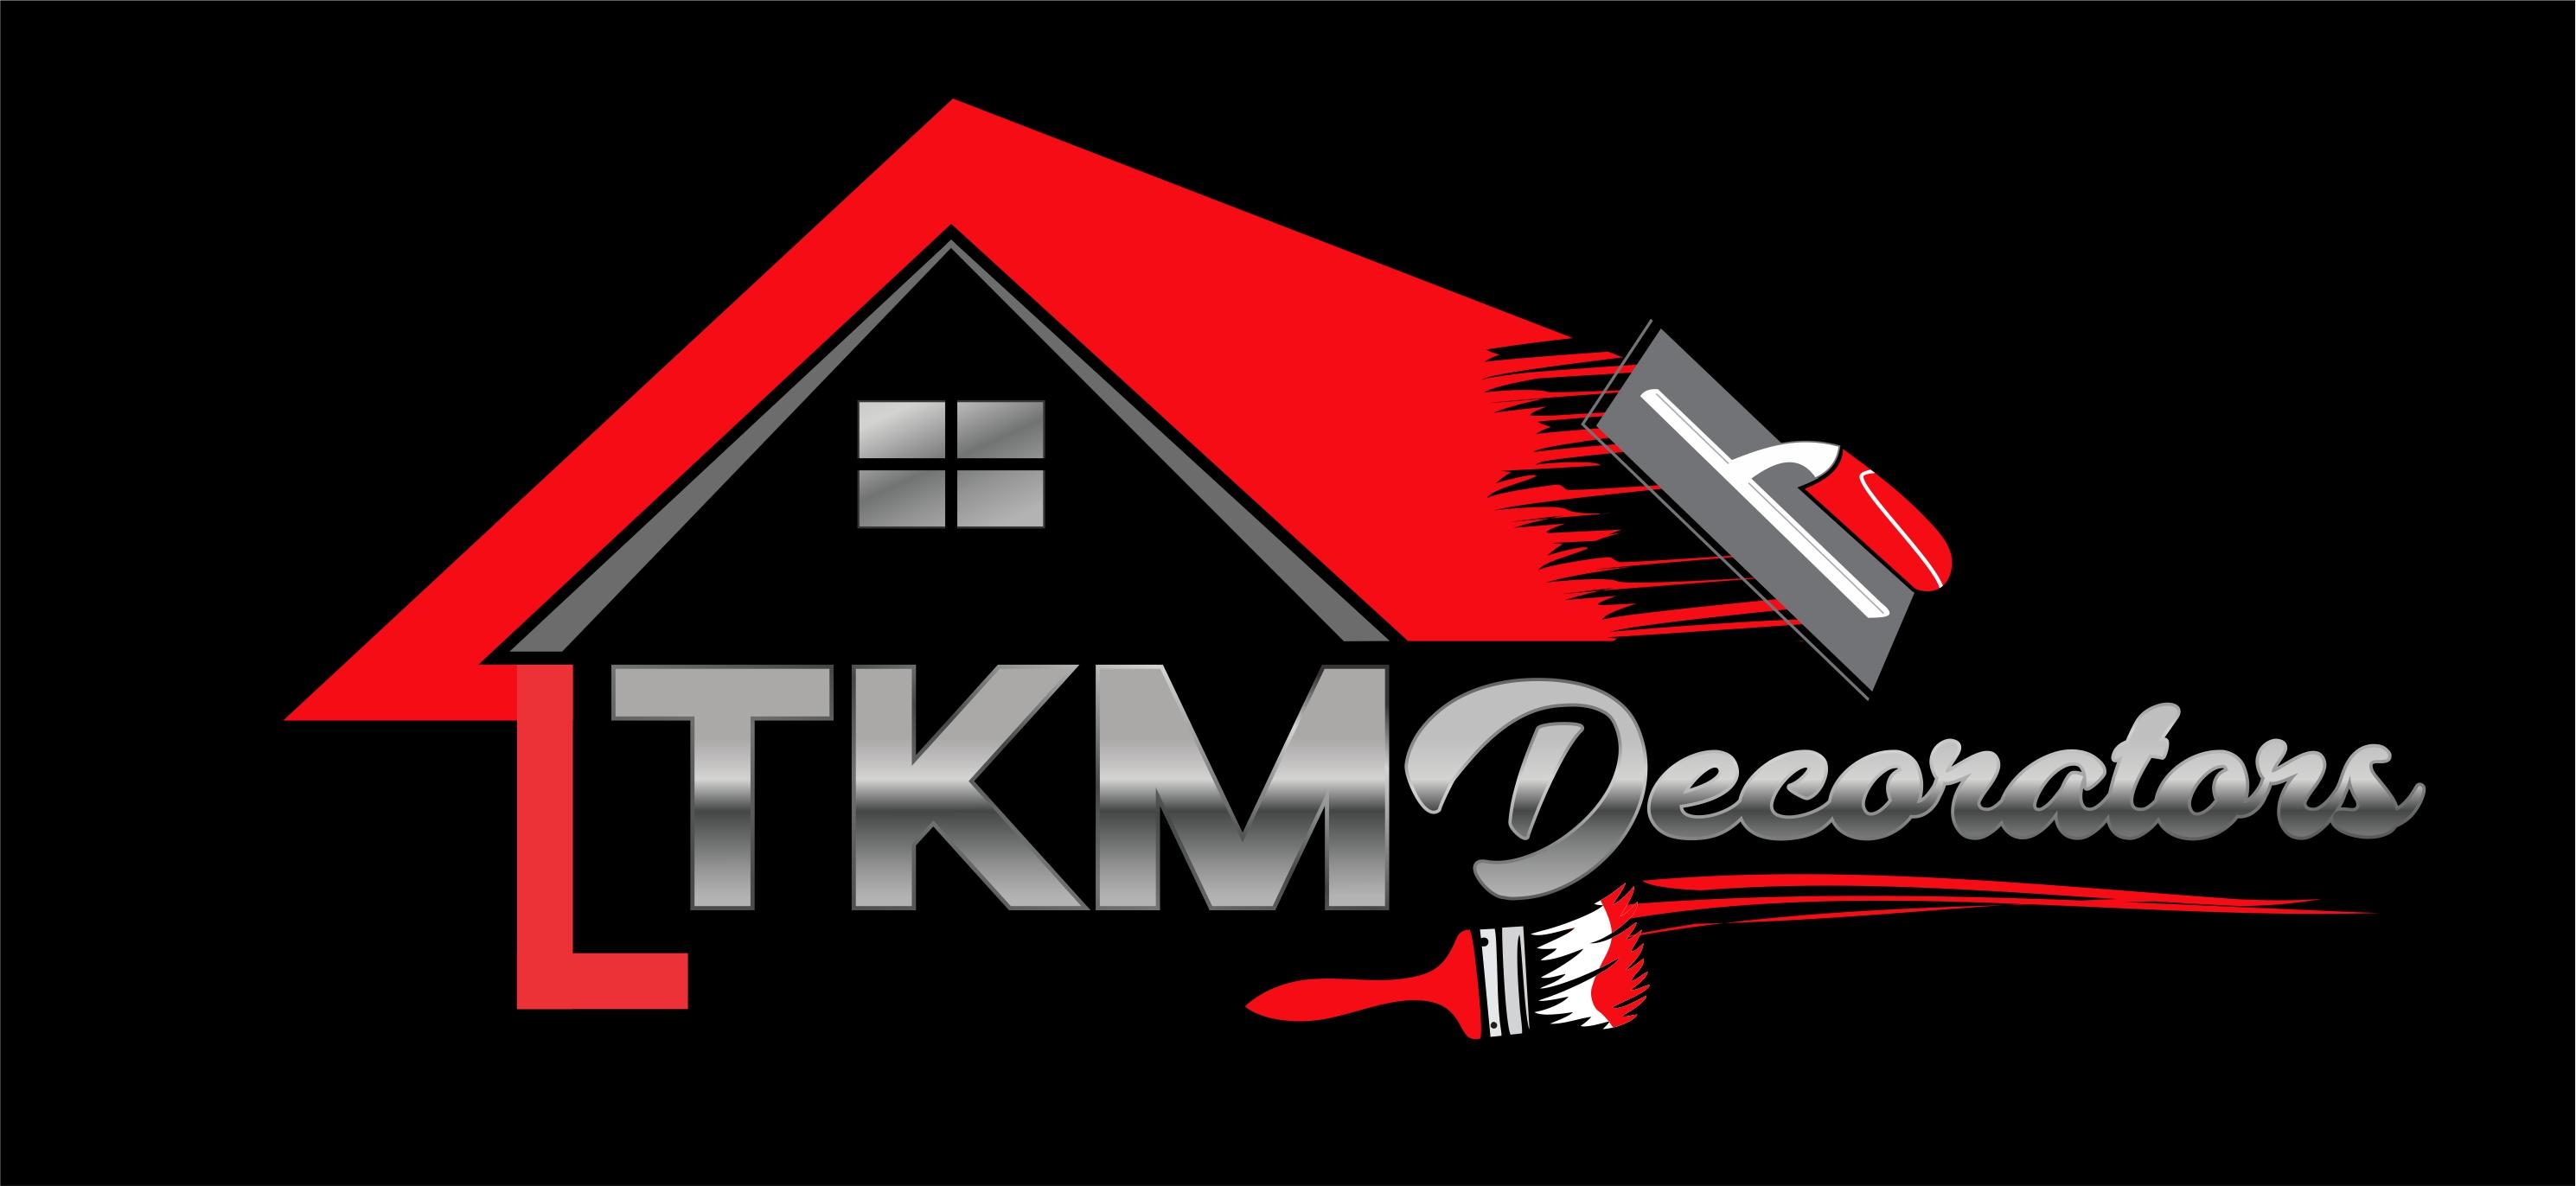 TKM Decorators